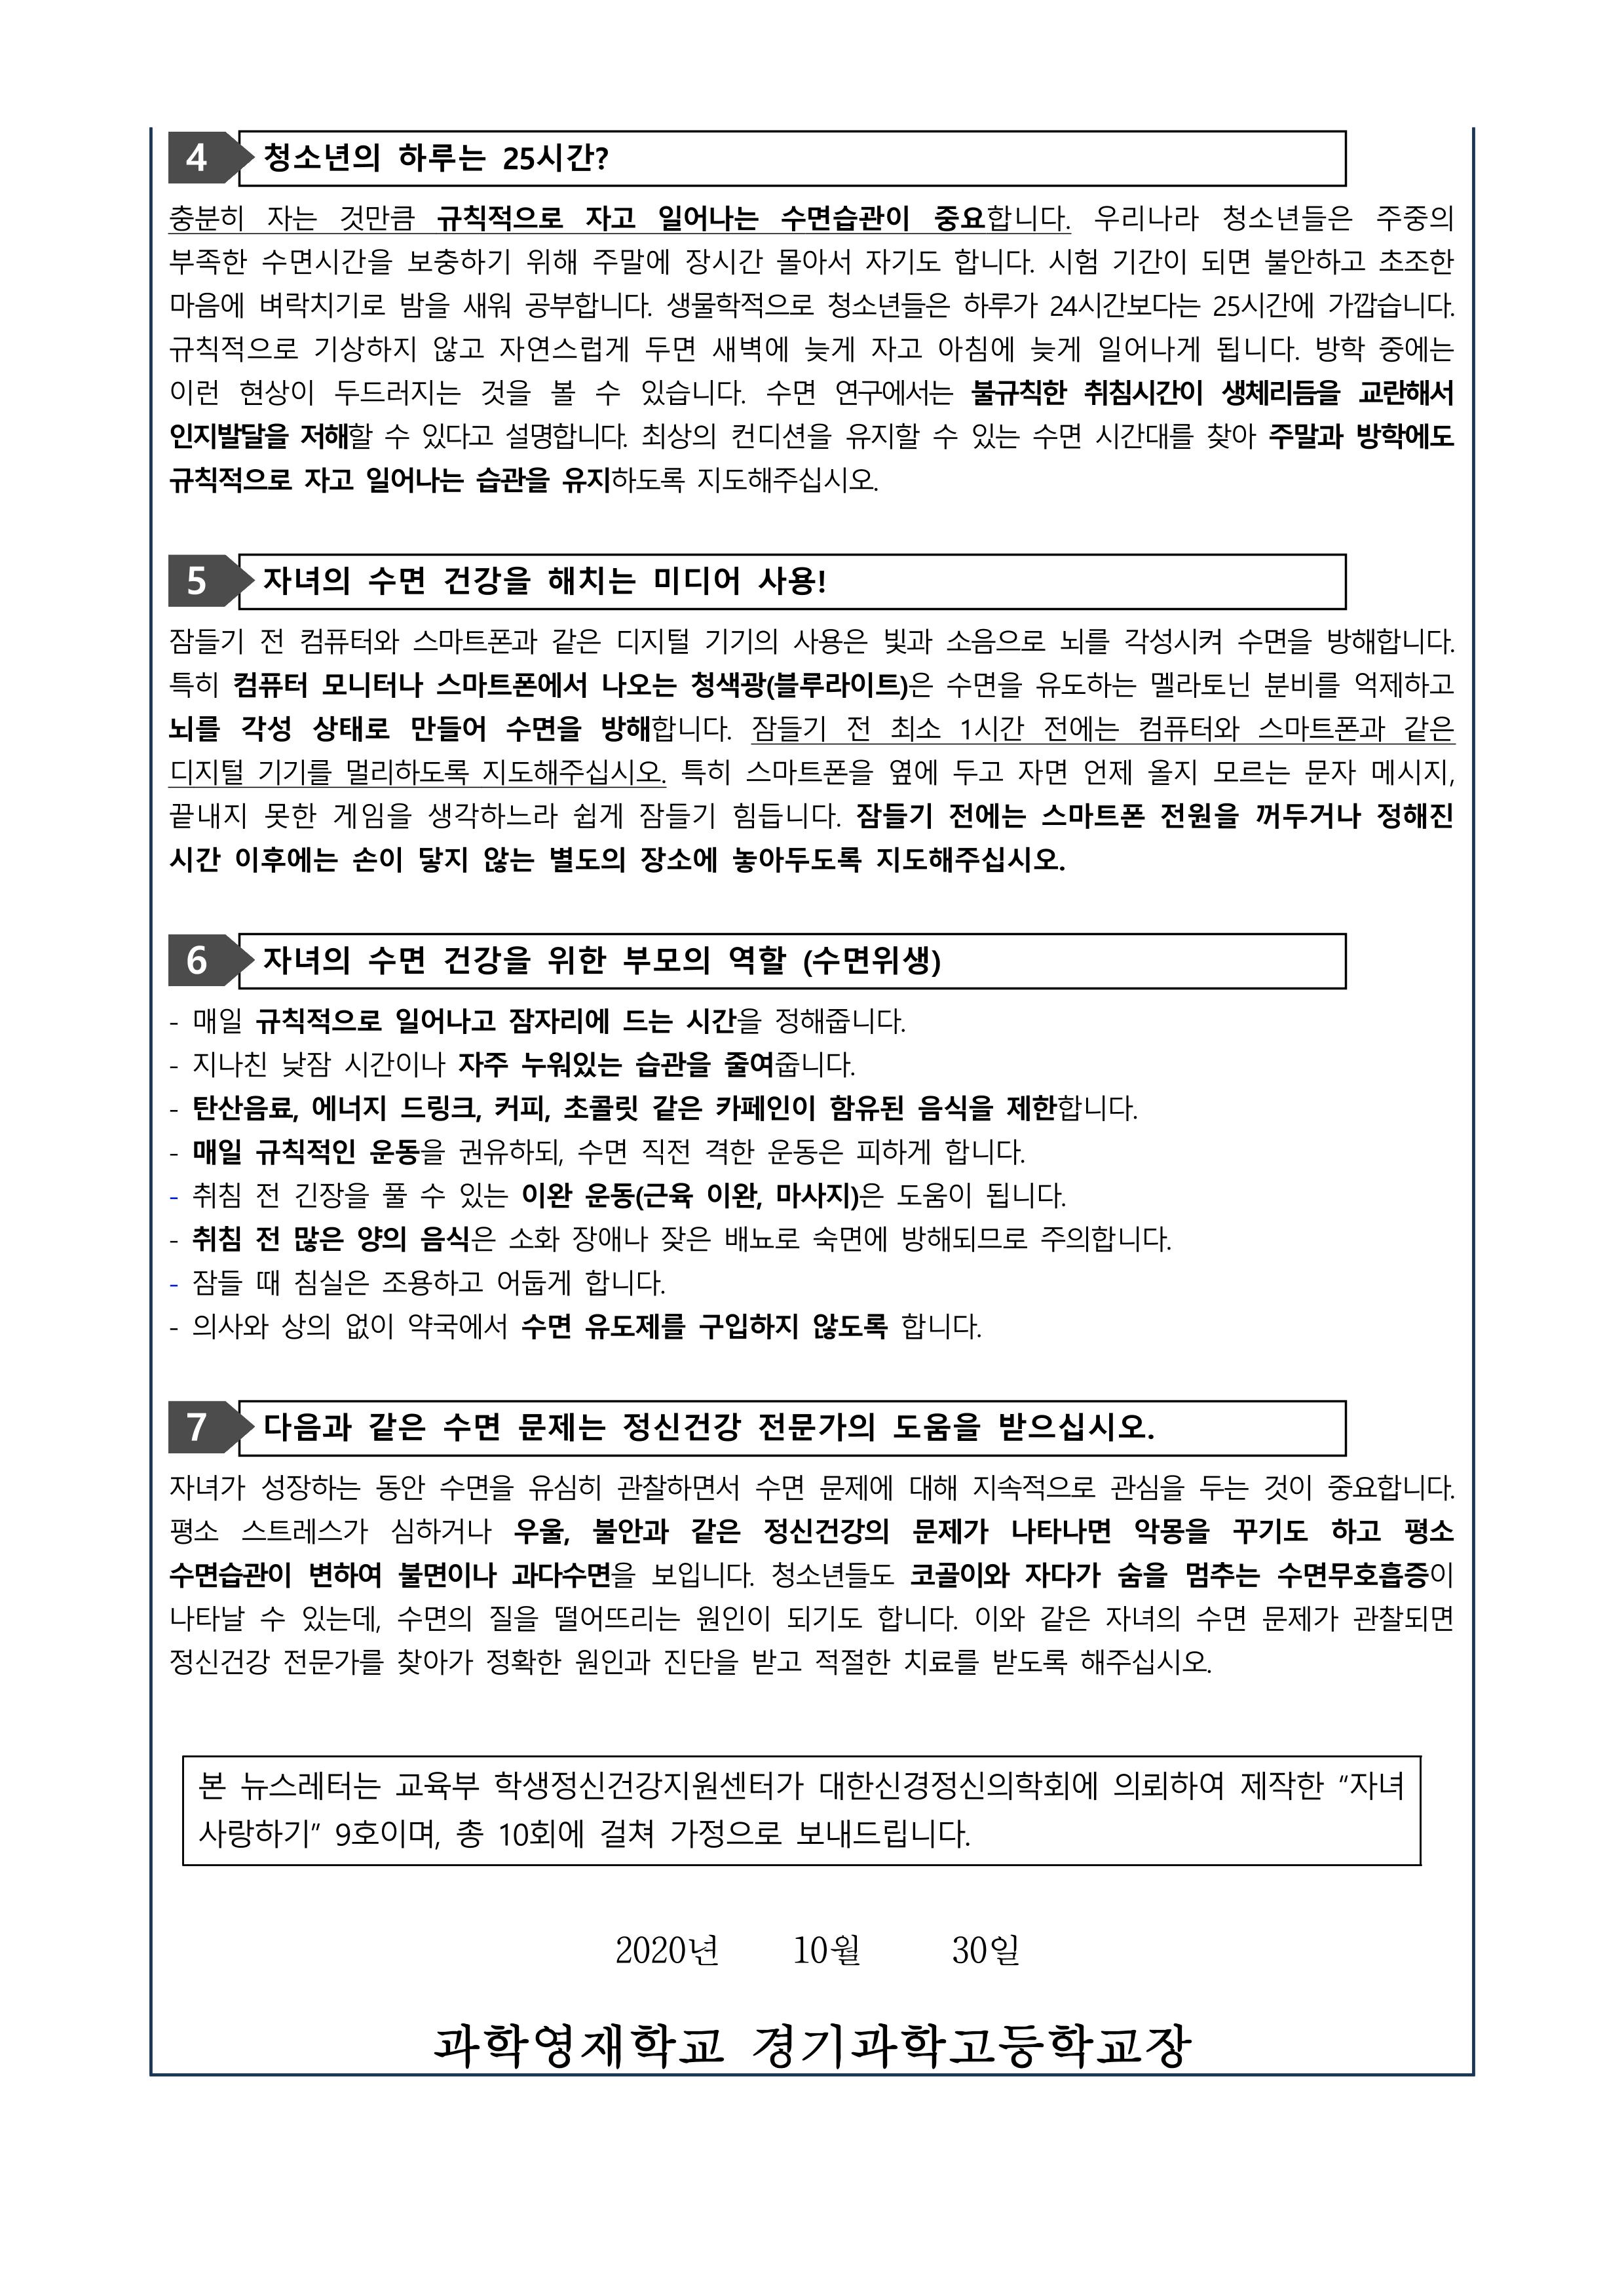 뉴스레터 자녀사랑하기 제2020-9호 가정통신문 2Page.